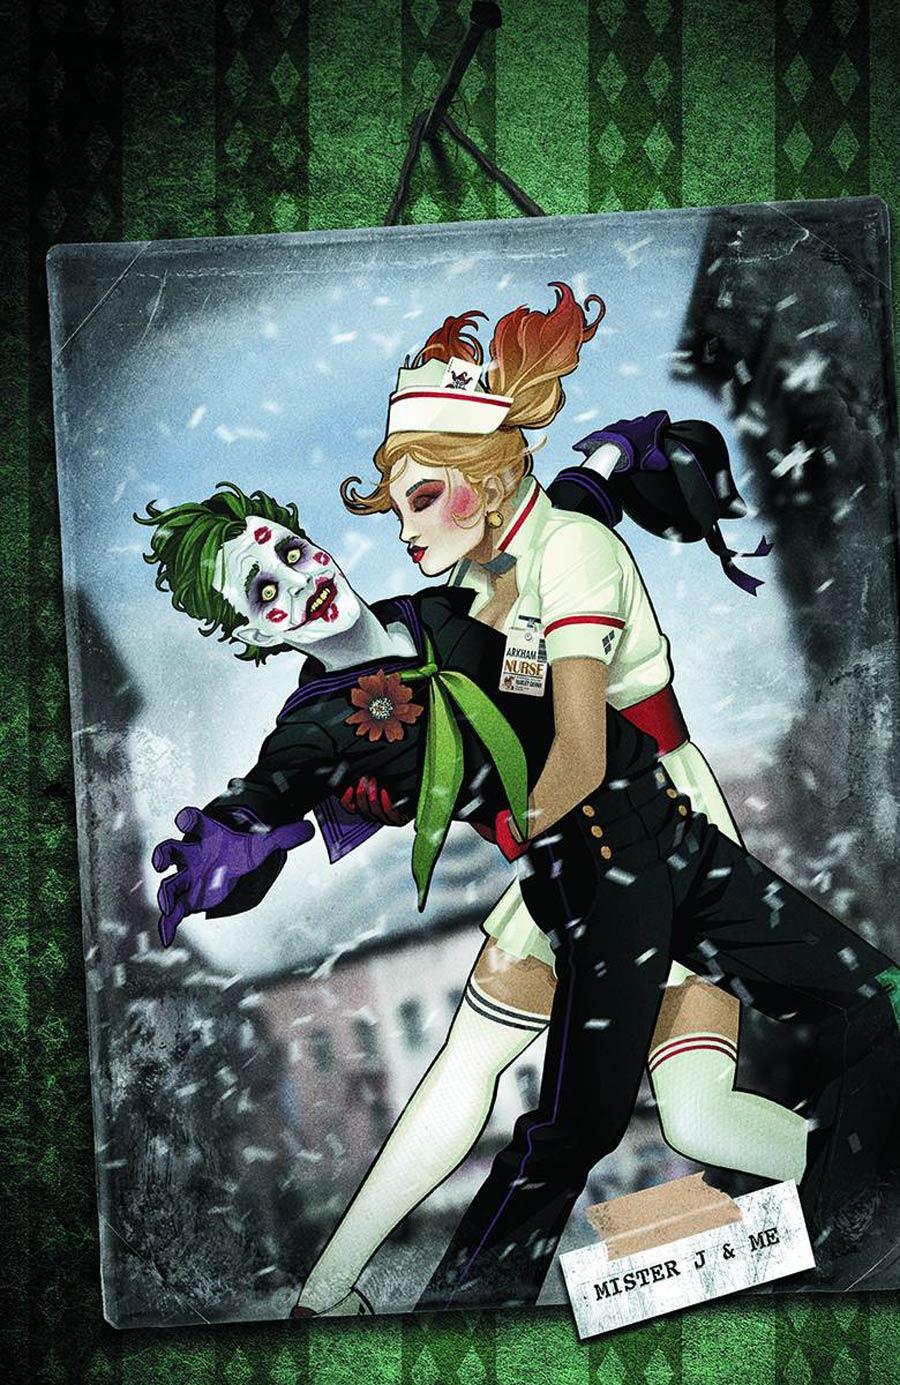 Harley Quinn Vol 2 19 Textless Bombshell Variant.jpg